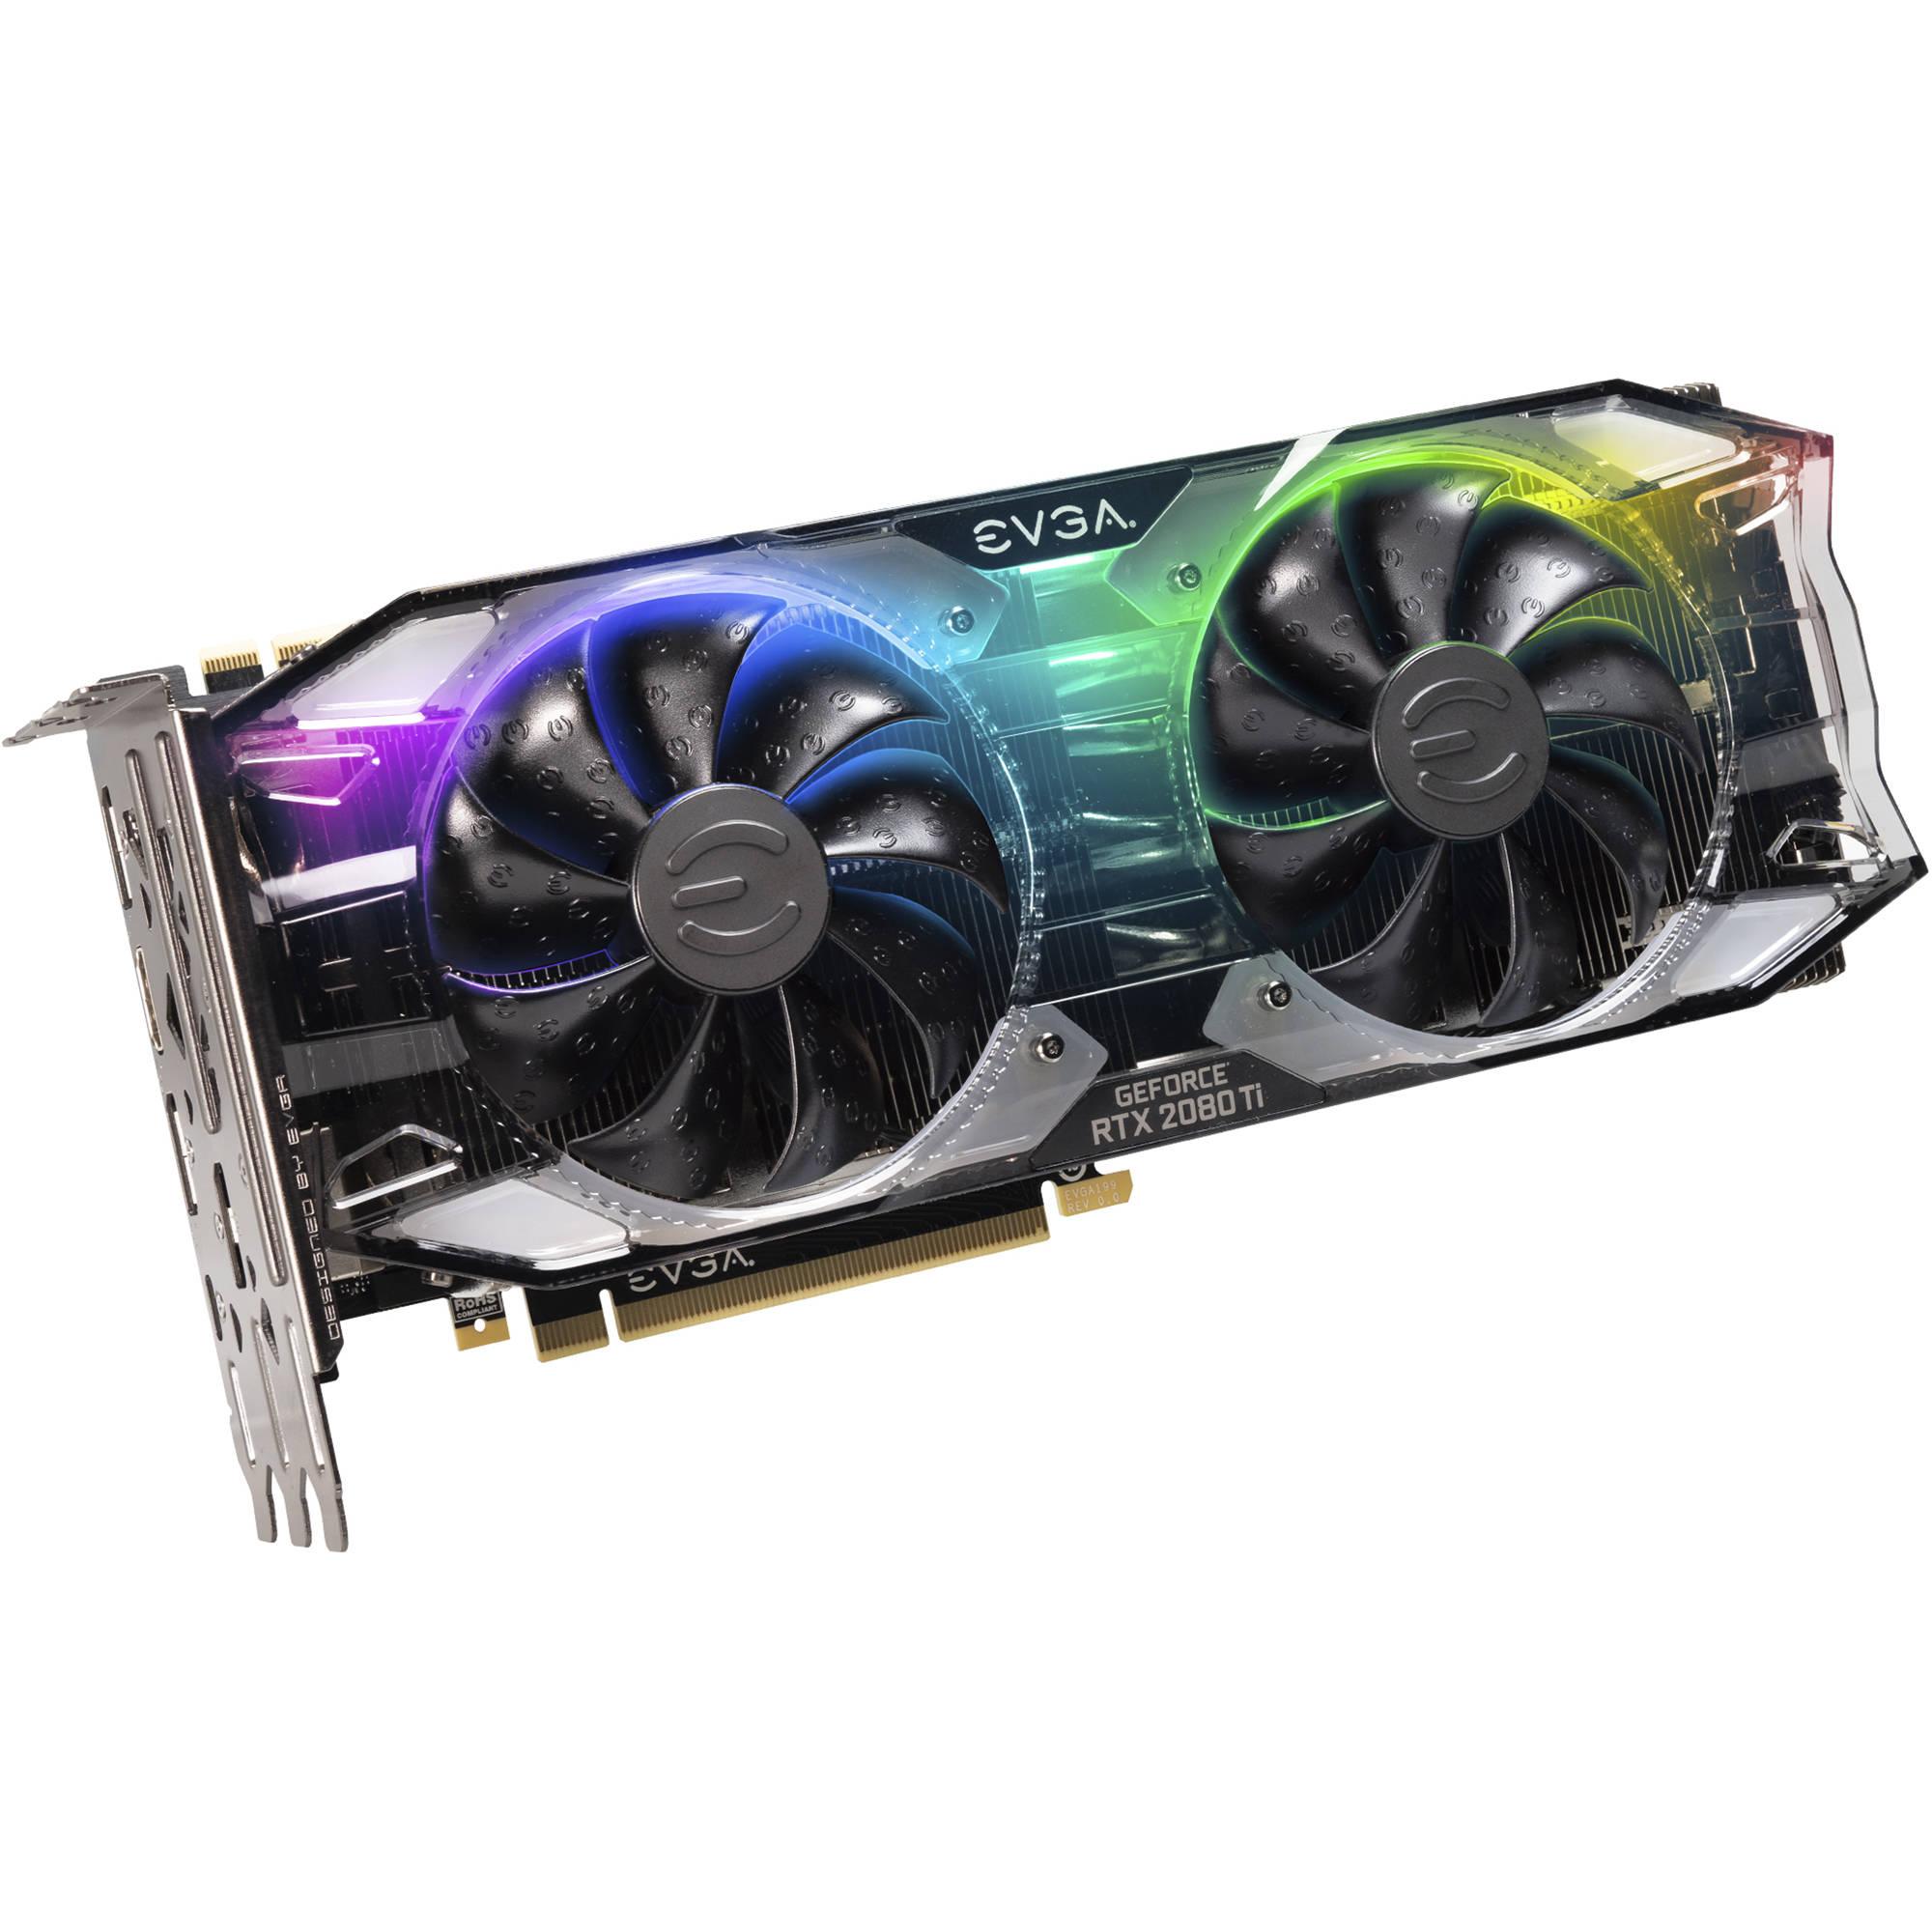 EVGA GeForce RTX 2080 Ti XC ULTRA GAMING Graphics Card